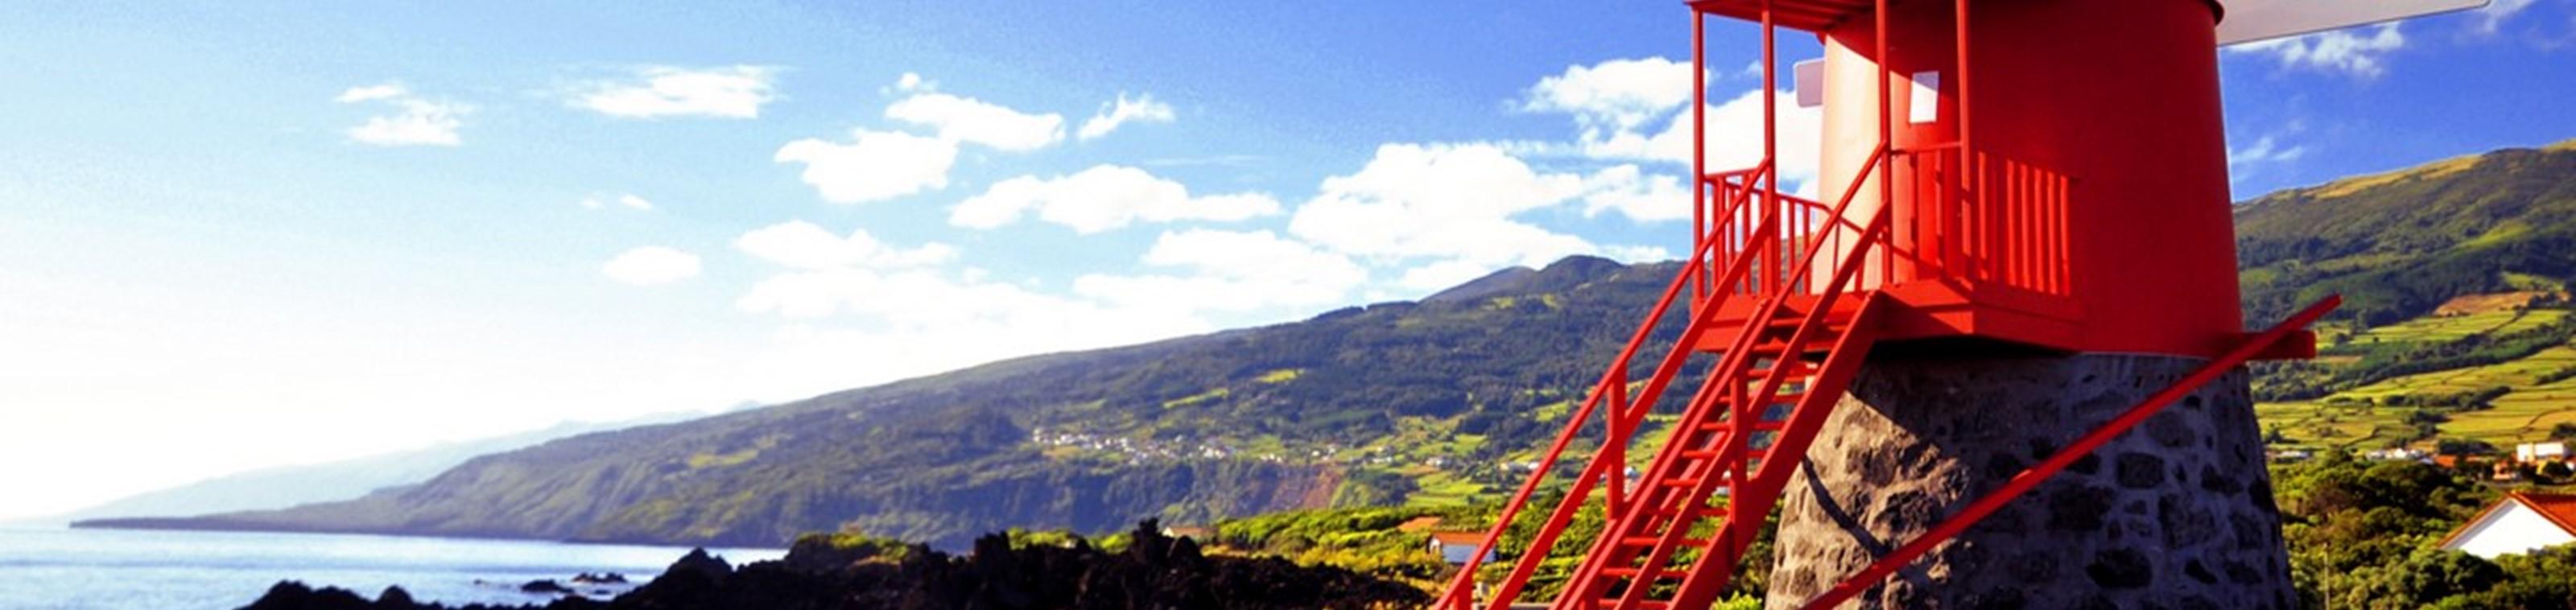 Ontdek de Azoren, mozaïek van kraters en meren